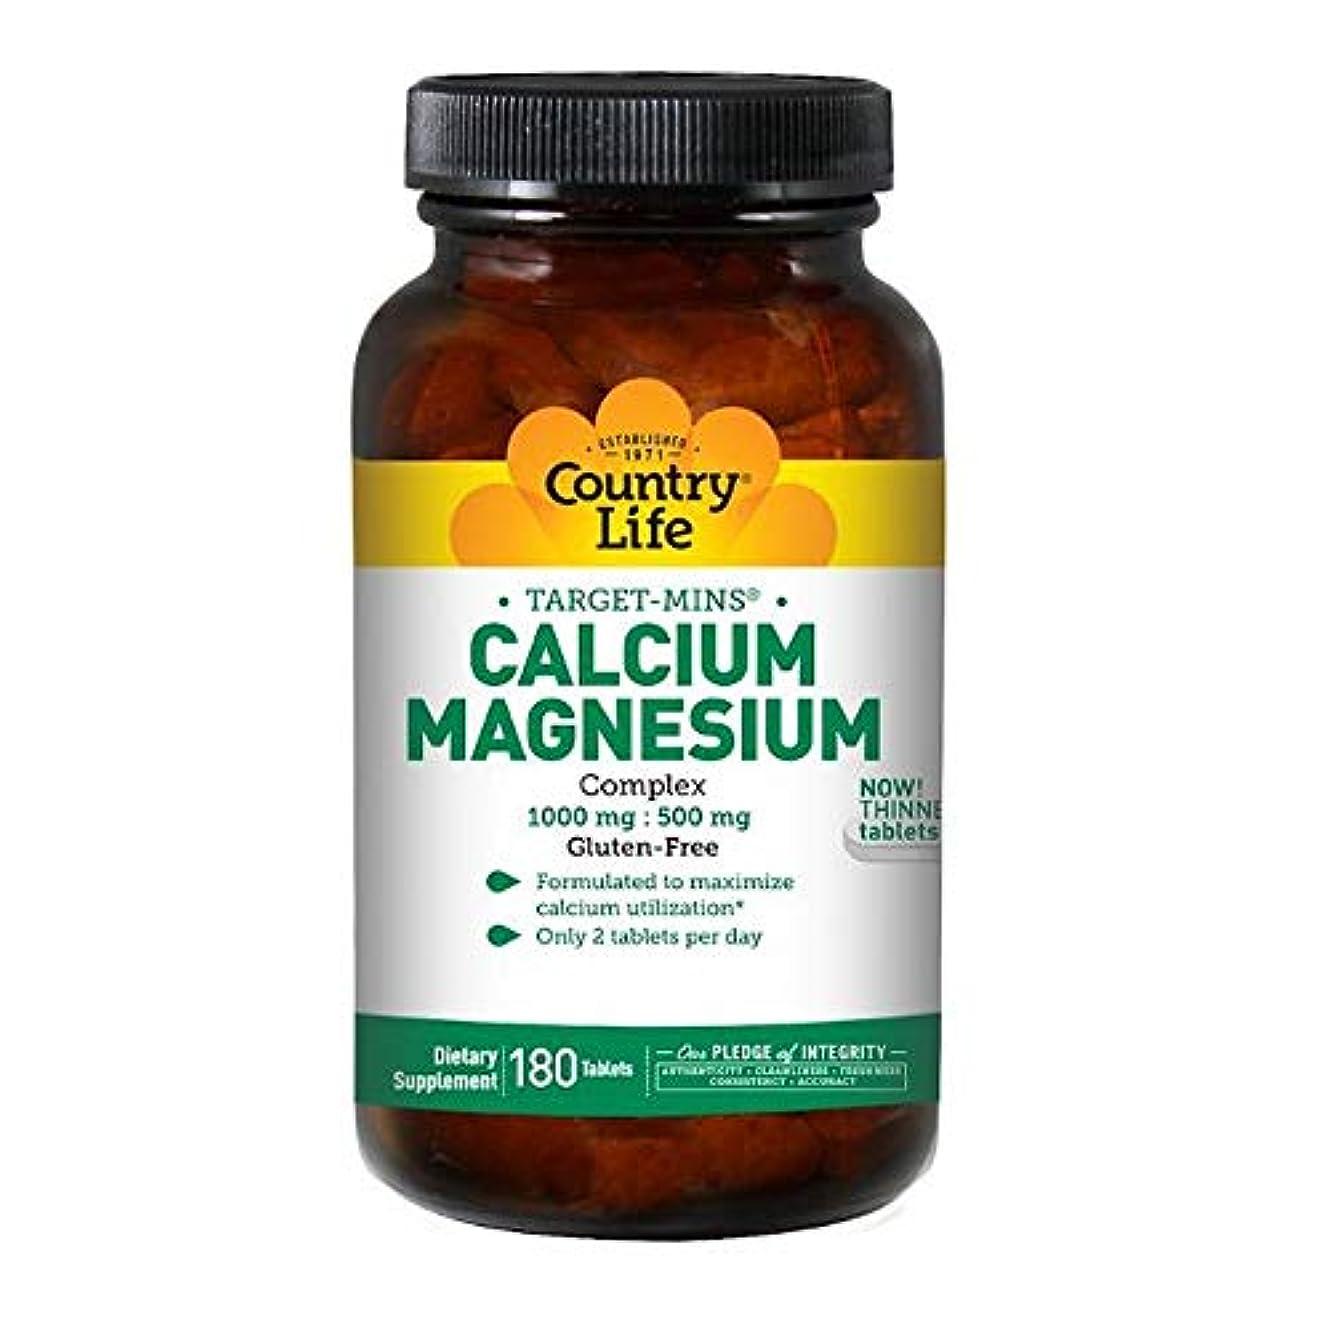 崩壊直立強打Country Life ターゲット ミネラル カルシウム マグネシウム 複合体 180錠 【アメリカ直送】